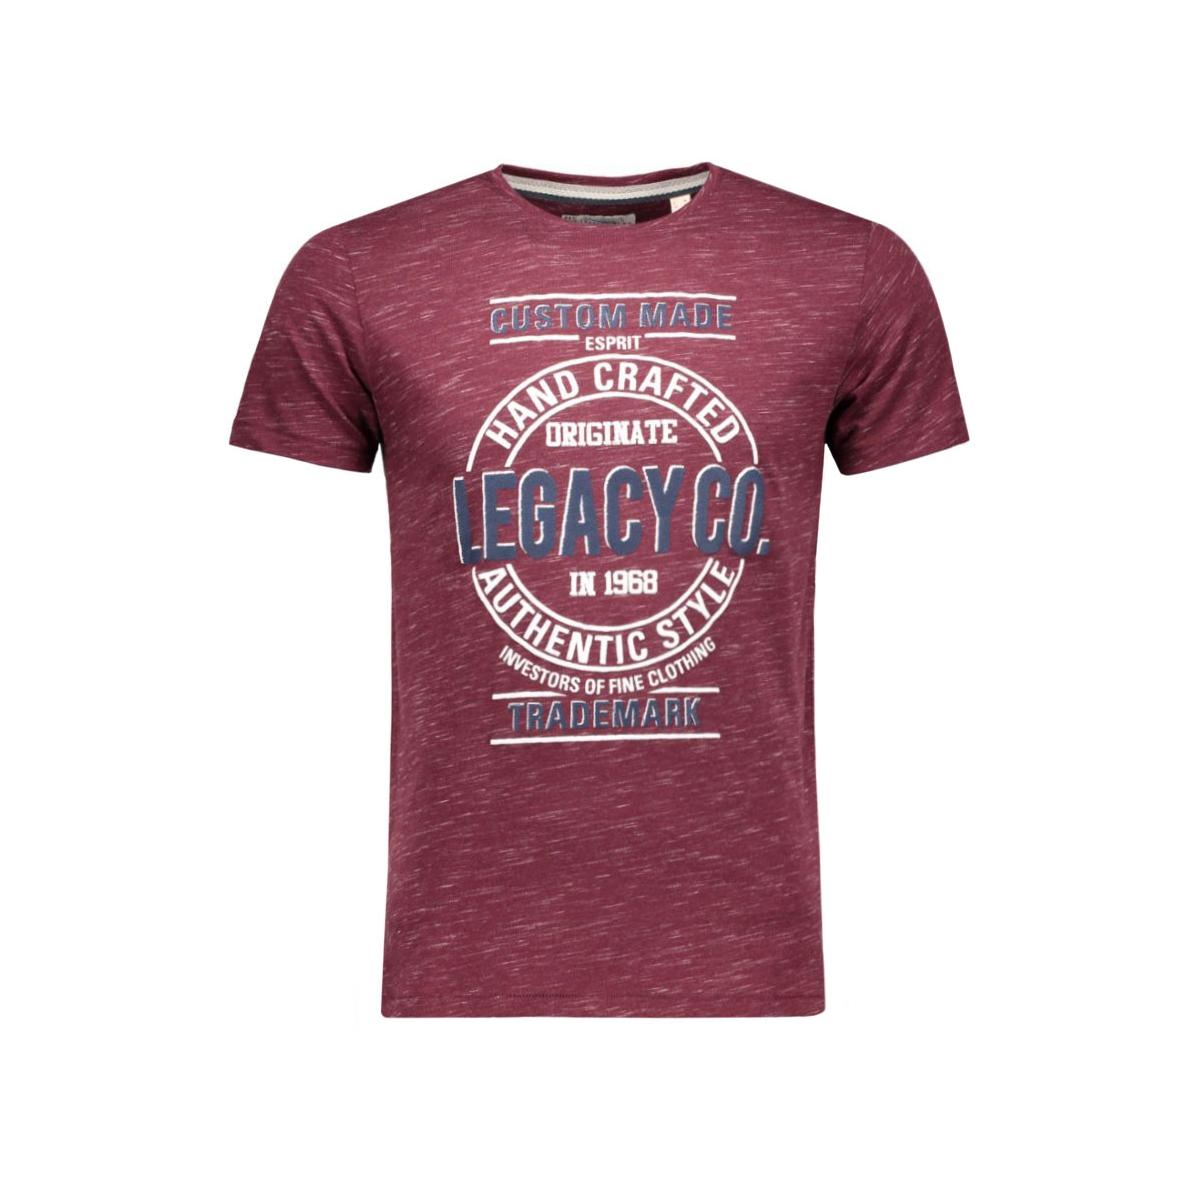 086ee2k006 esprit t-shirt e515